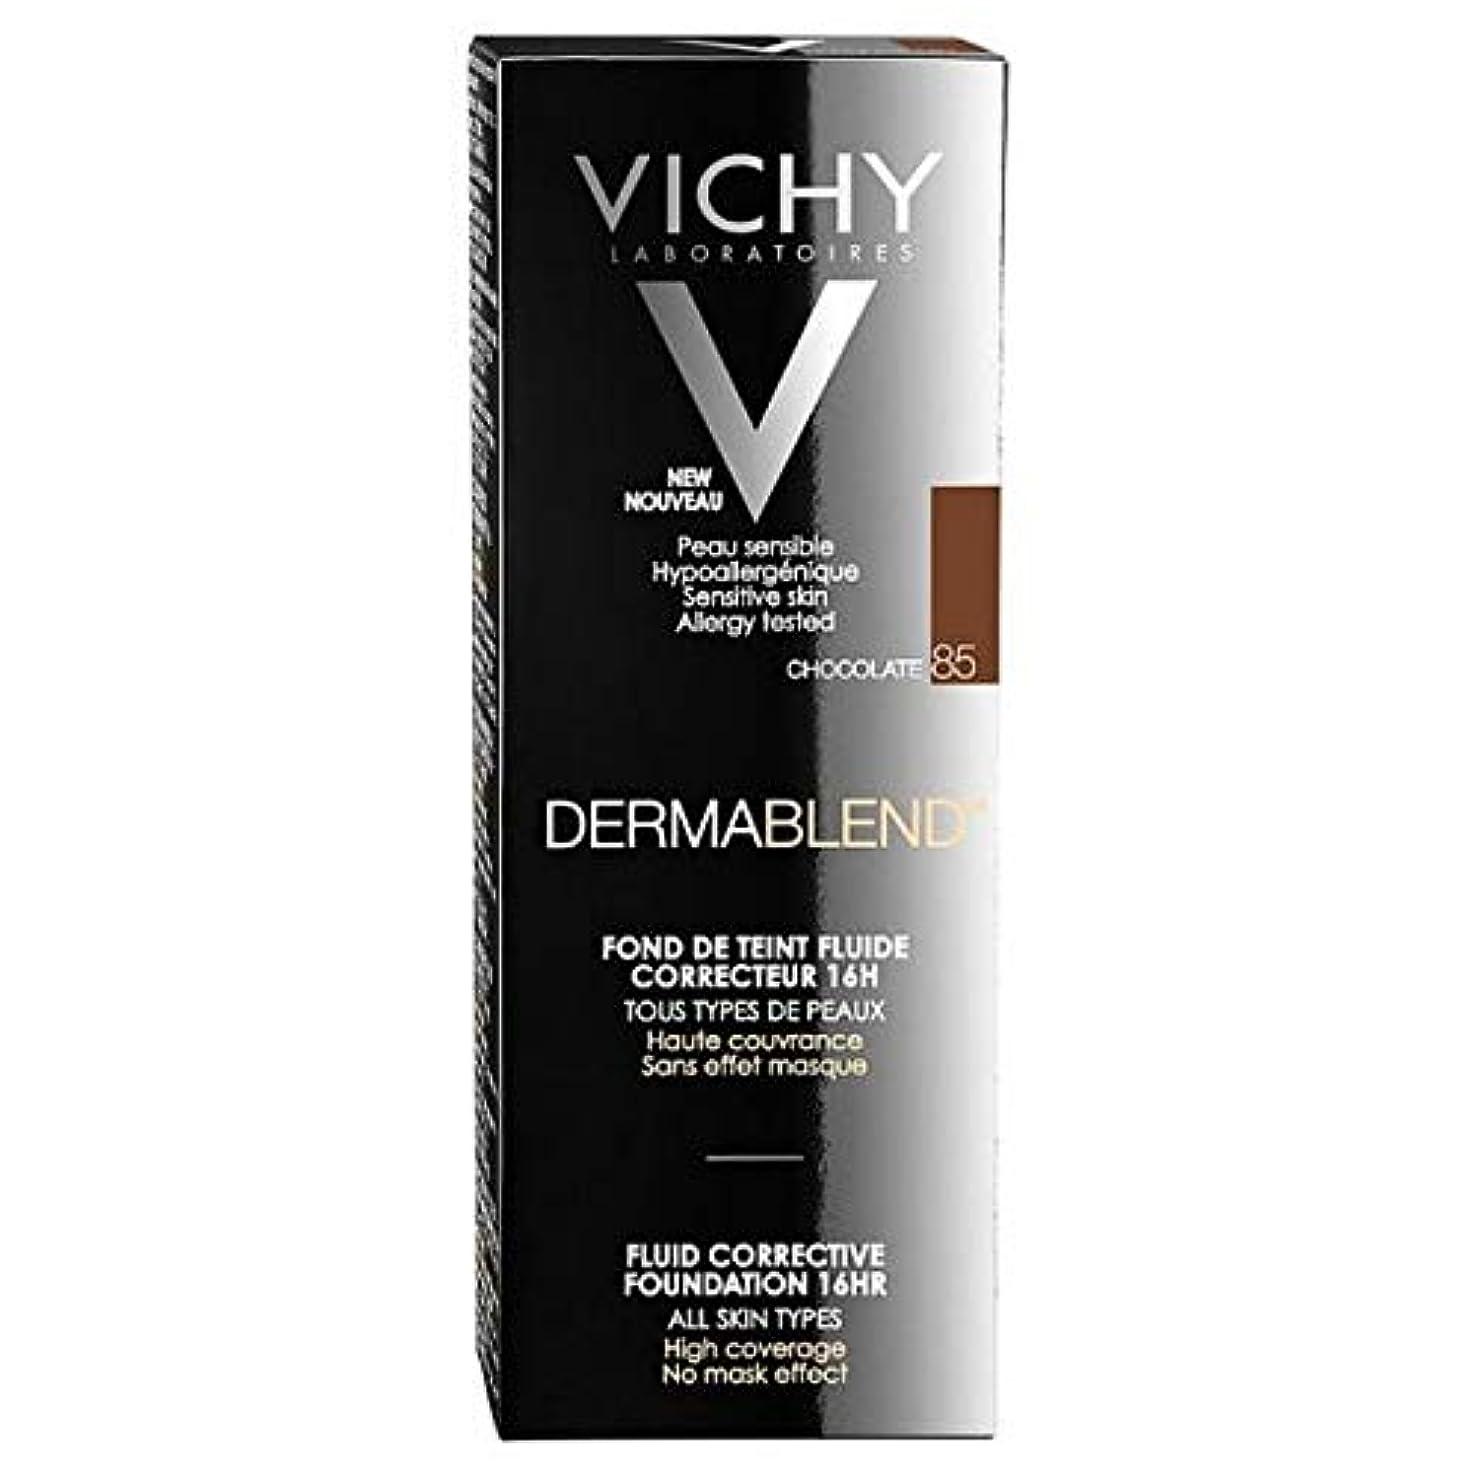 週間企業冷酷な[Vichy ] ヴィシーDermablend流体是正基盤85 30ミリリットル - Vichy Dermablend Fluid Corrective Foundation 85 30ml [並行輸入品]